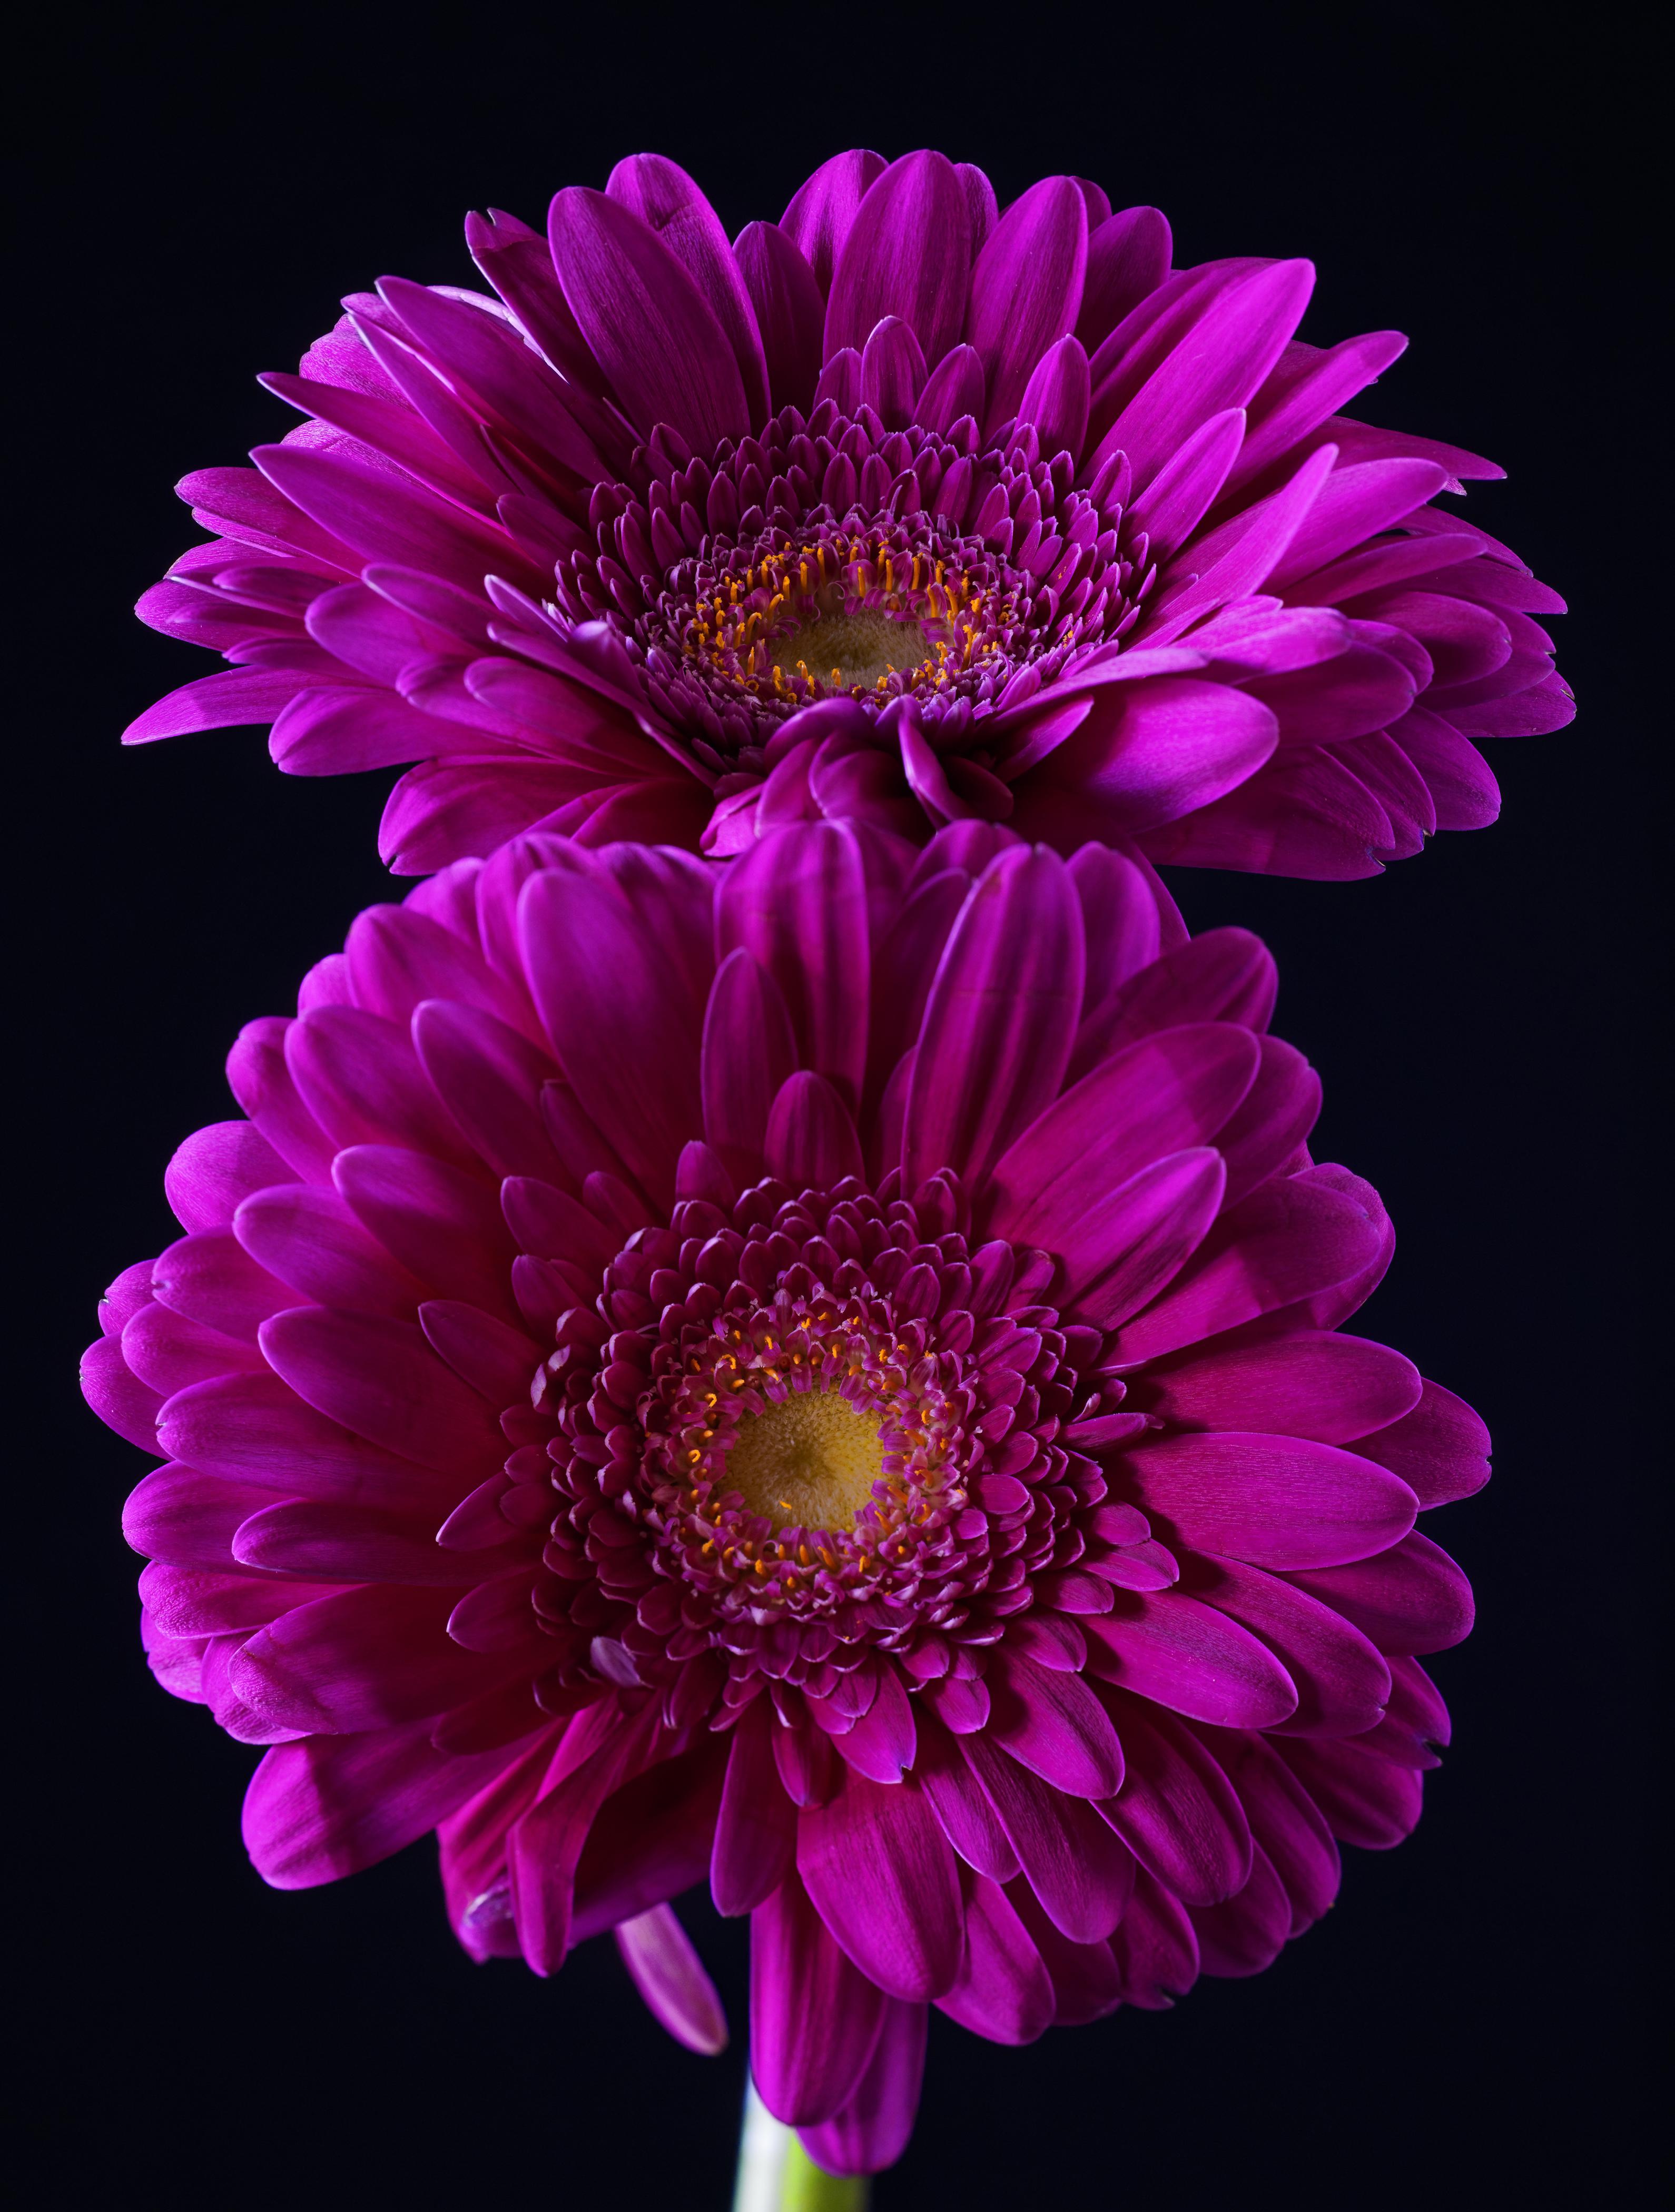 Bilder 2 Violett Gerbera Blumen Großansicht Schwarzer Hintergrund 3180x4200 Zwei